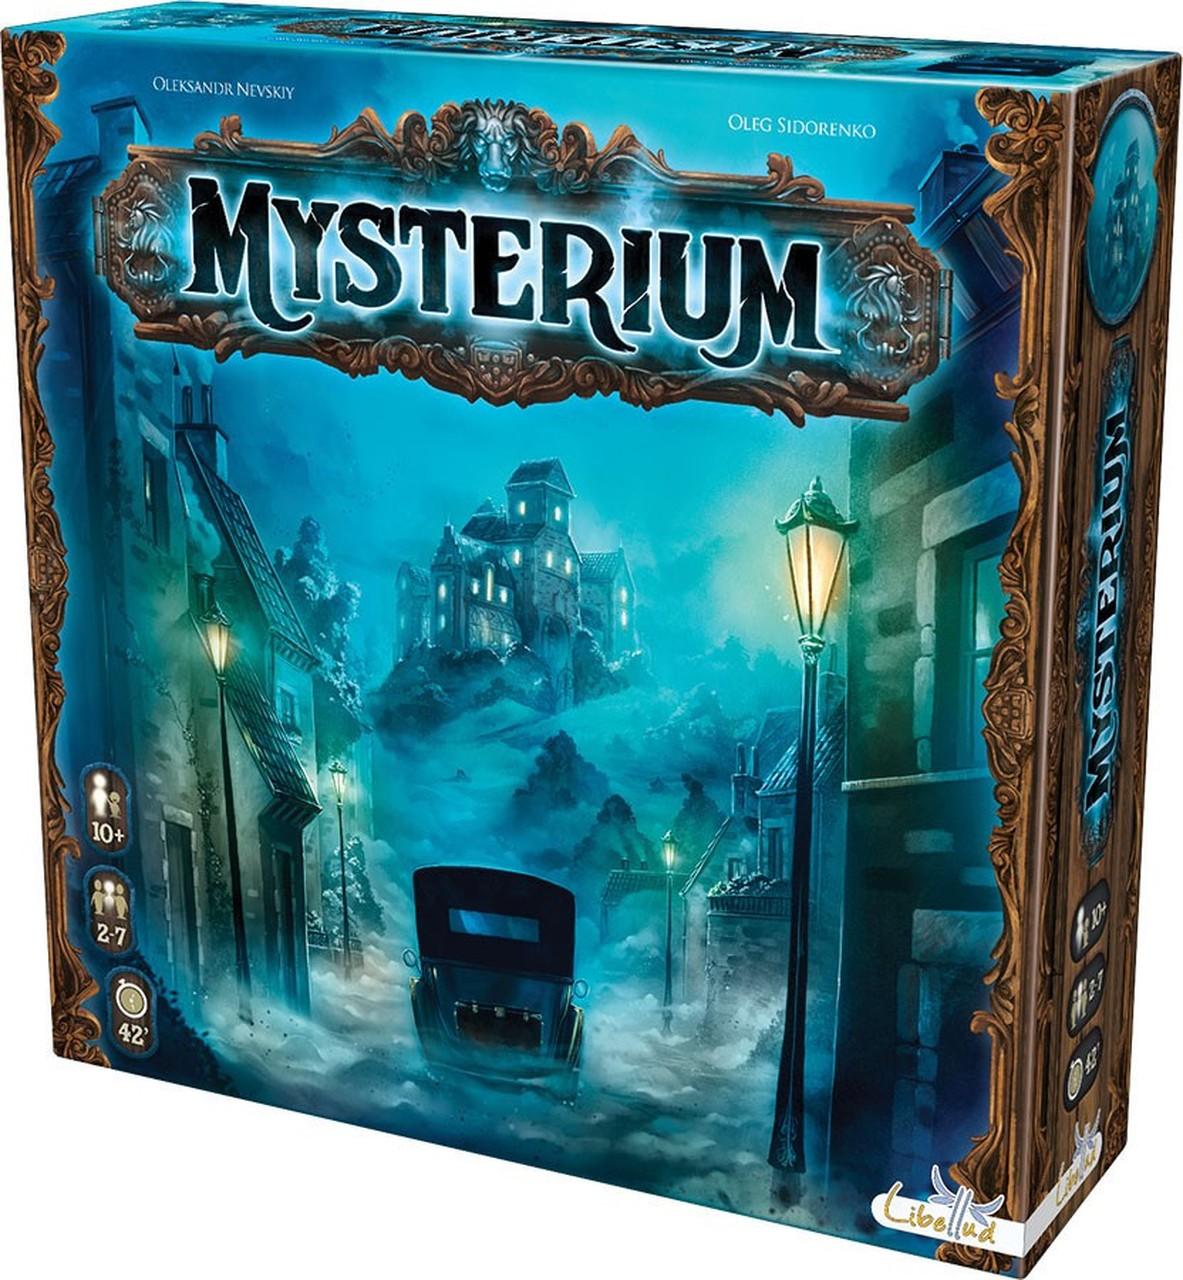 mysterium__15836.1524150995